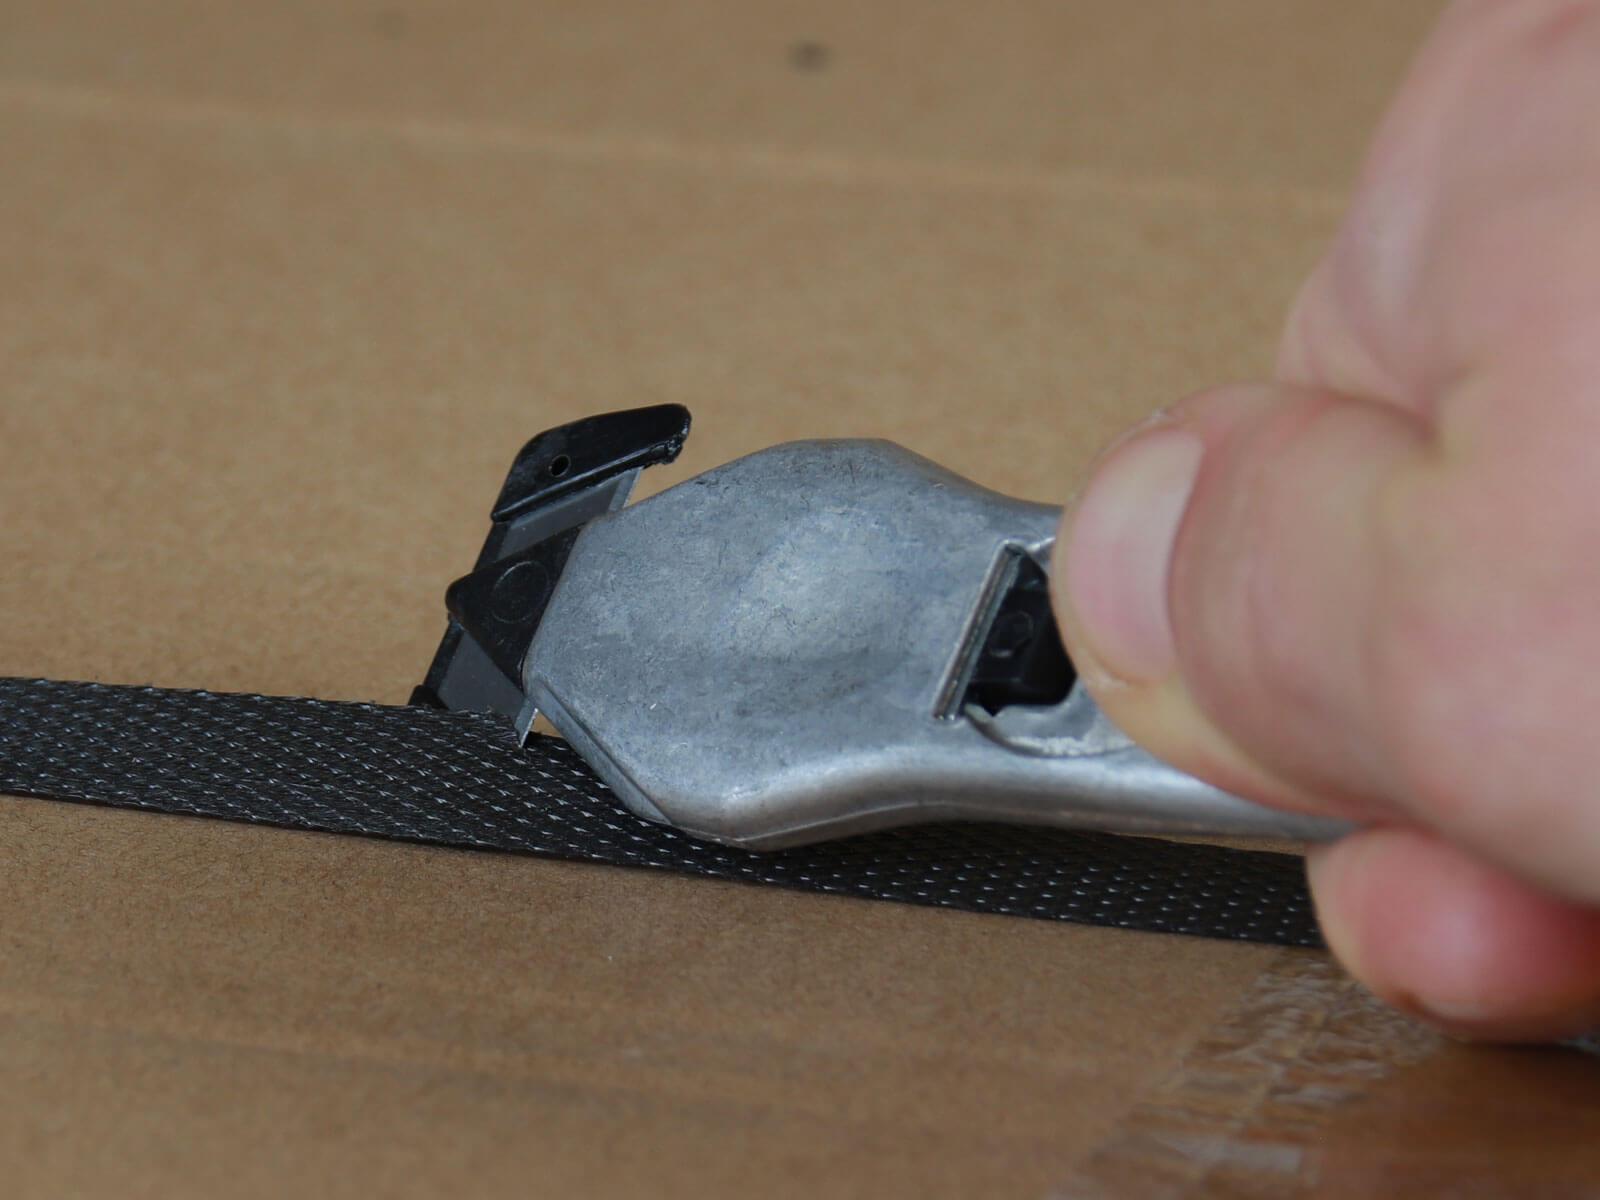 H031P Sicherheitsmesser Schutzhaken metall Umreifungsband schneiden CURT-tools